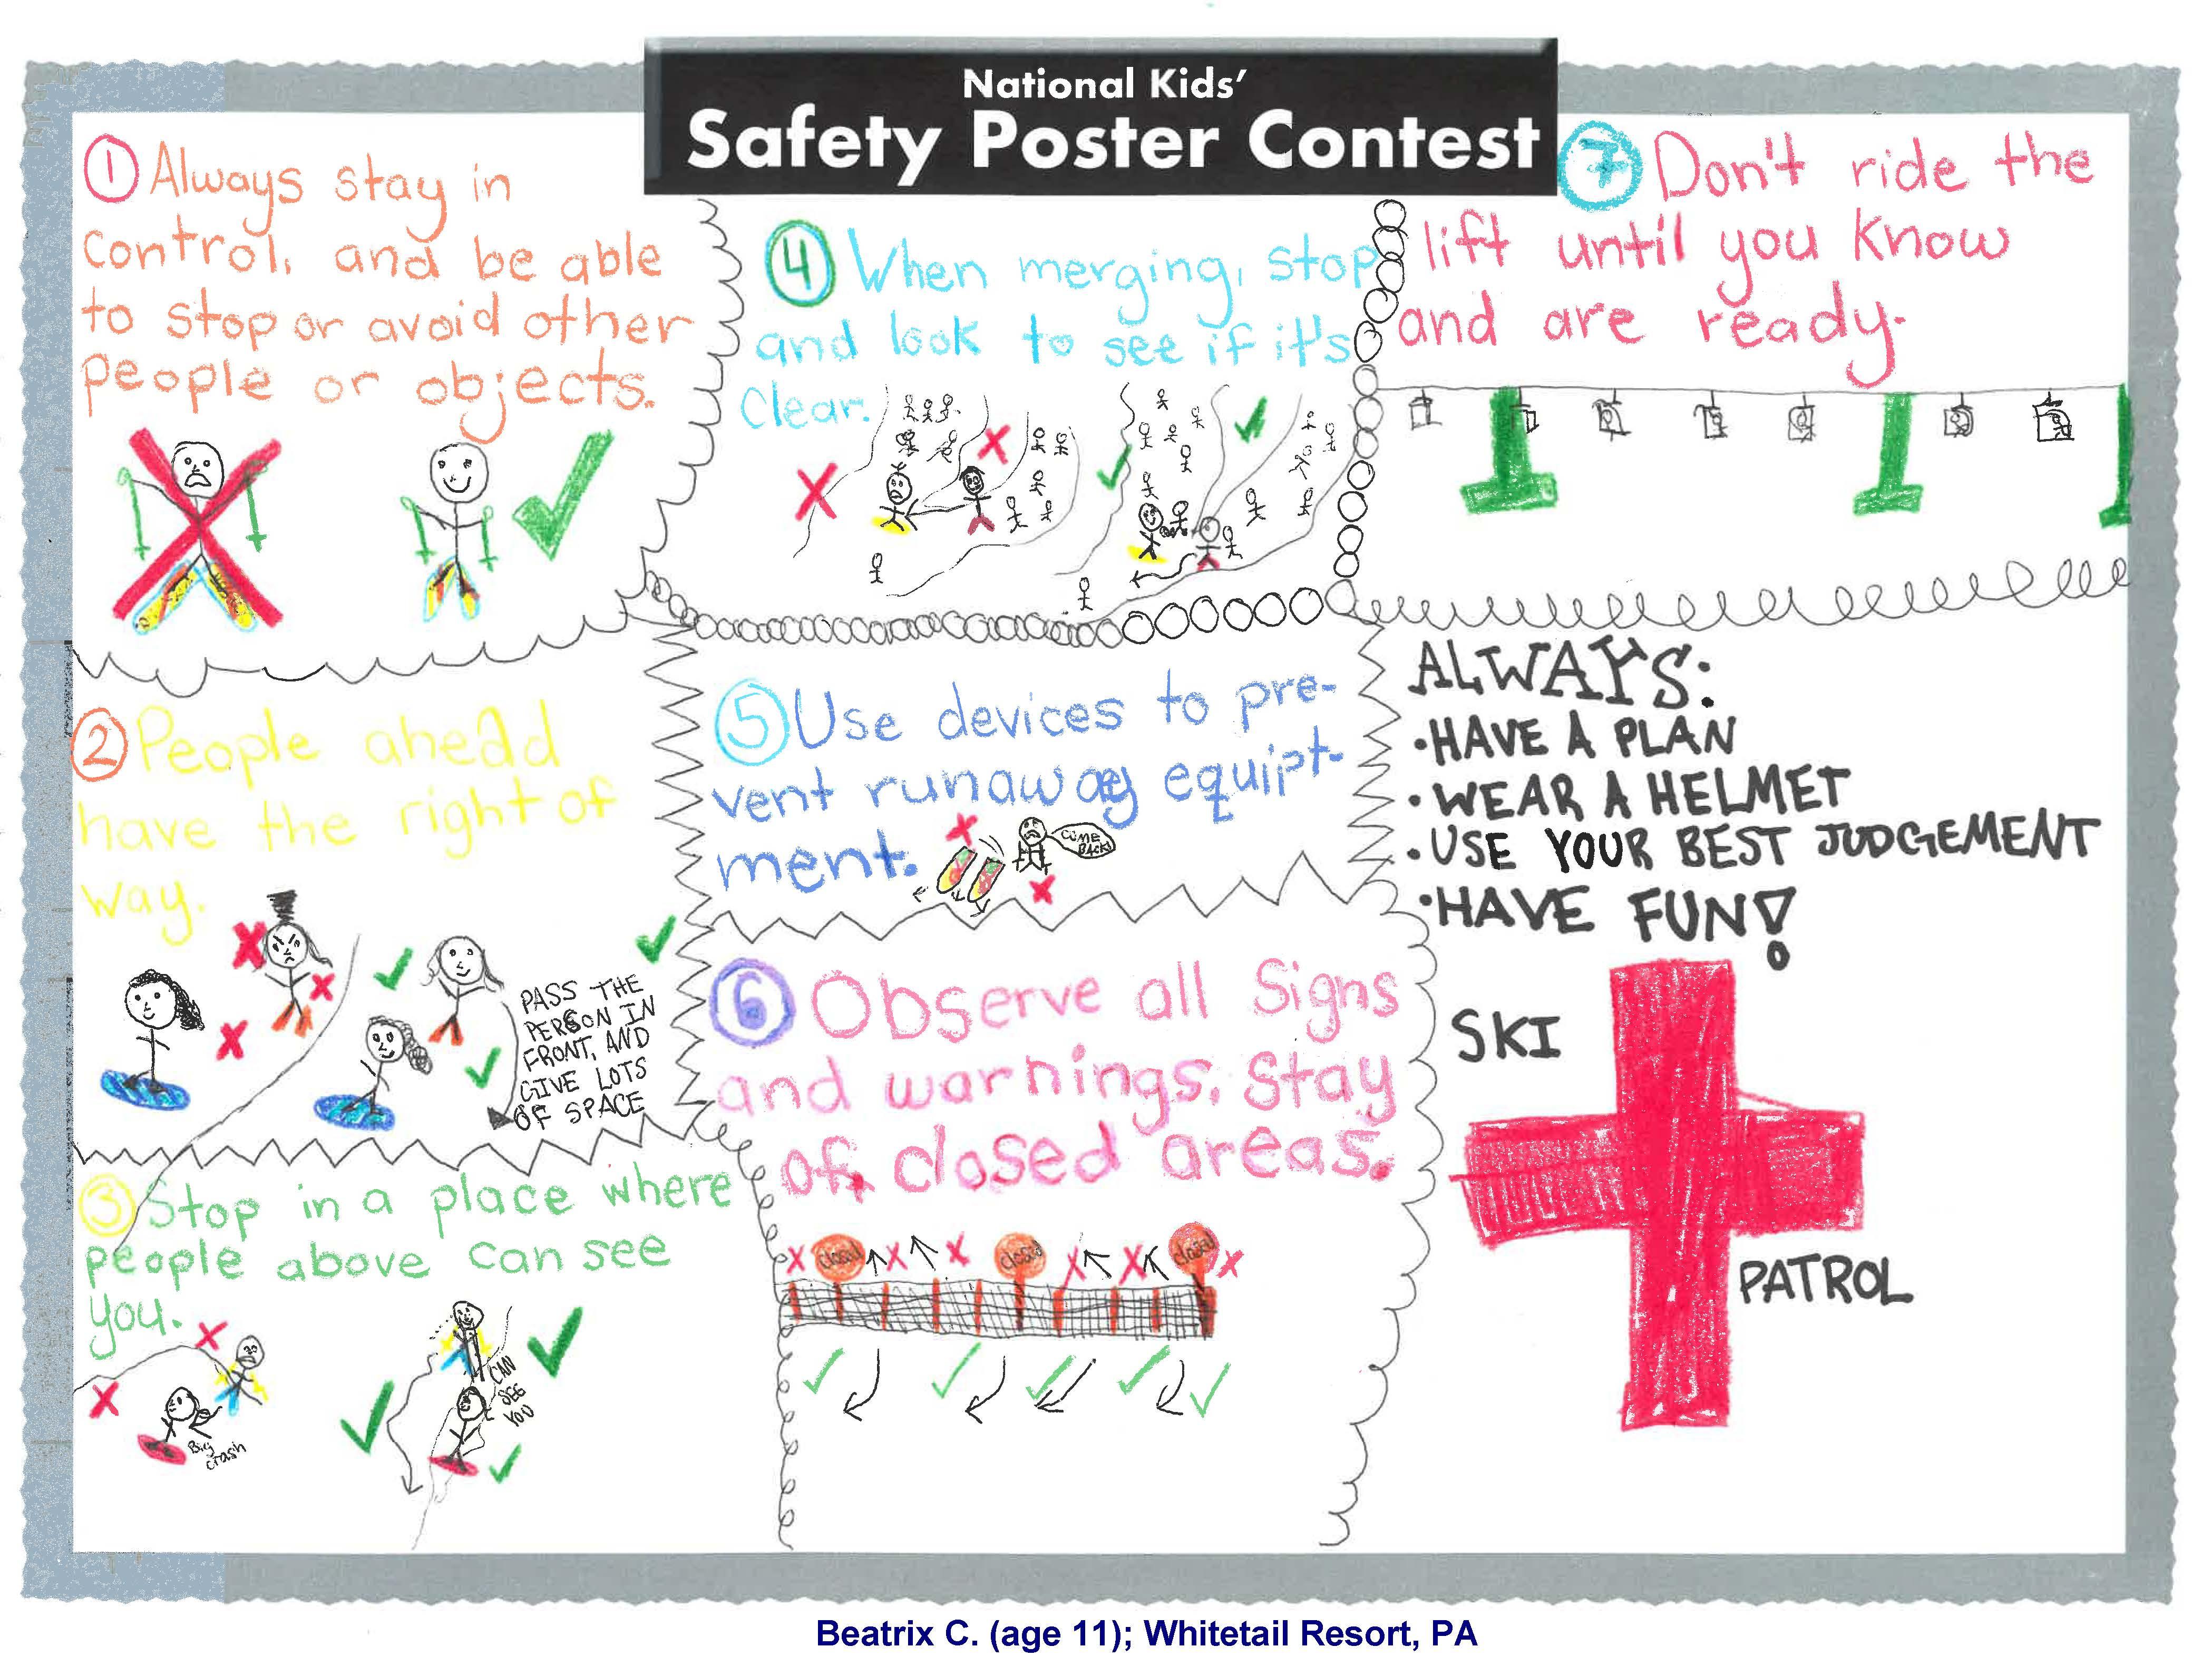 Best Safety Message 2020